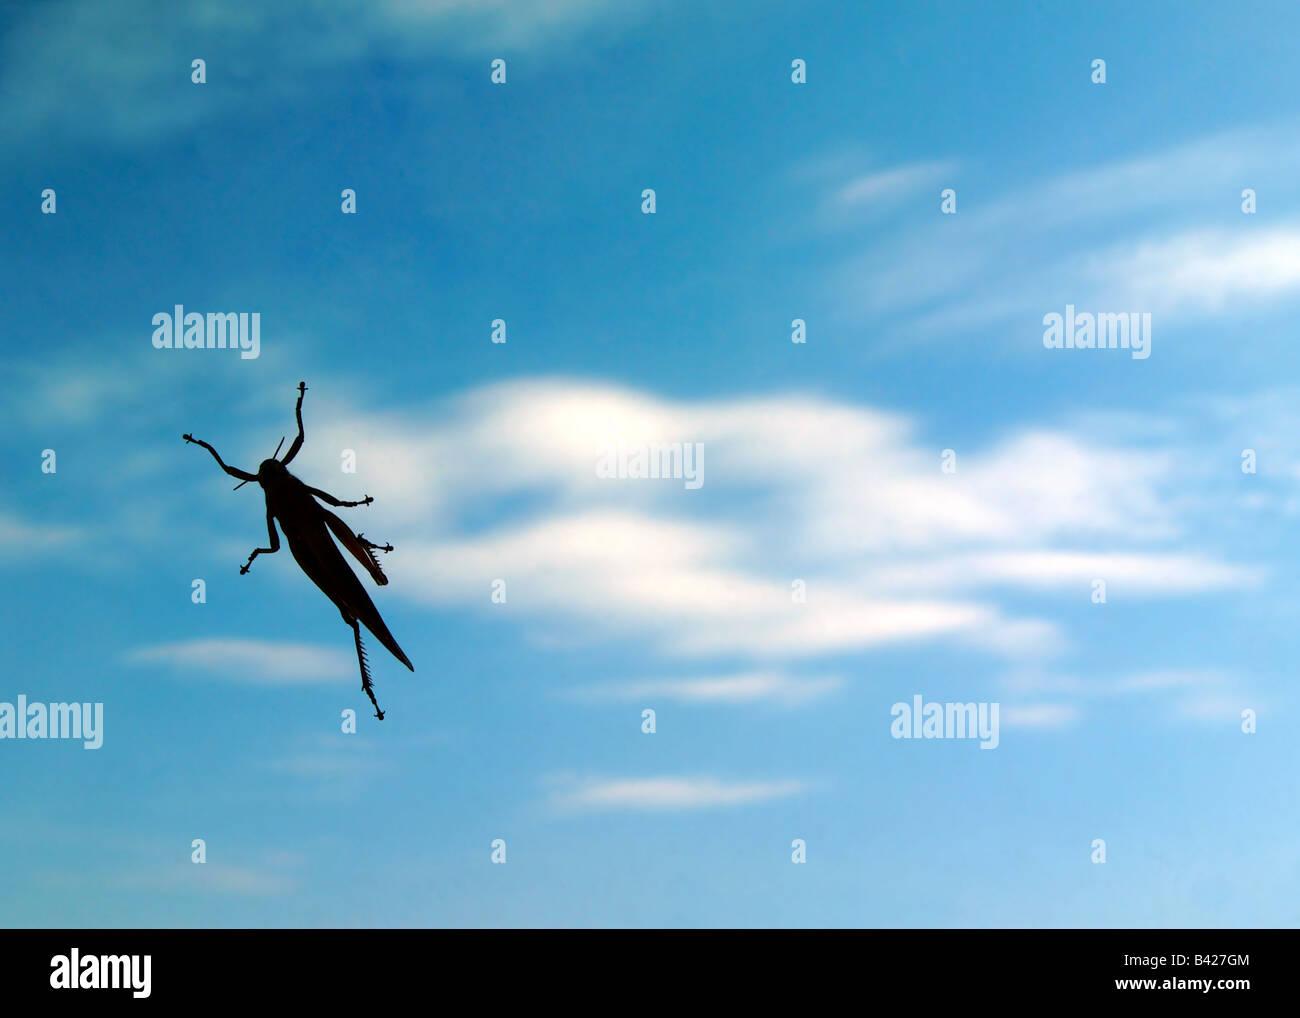 Grasshopper in the sky - Stock Image